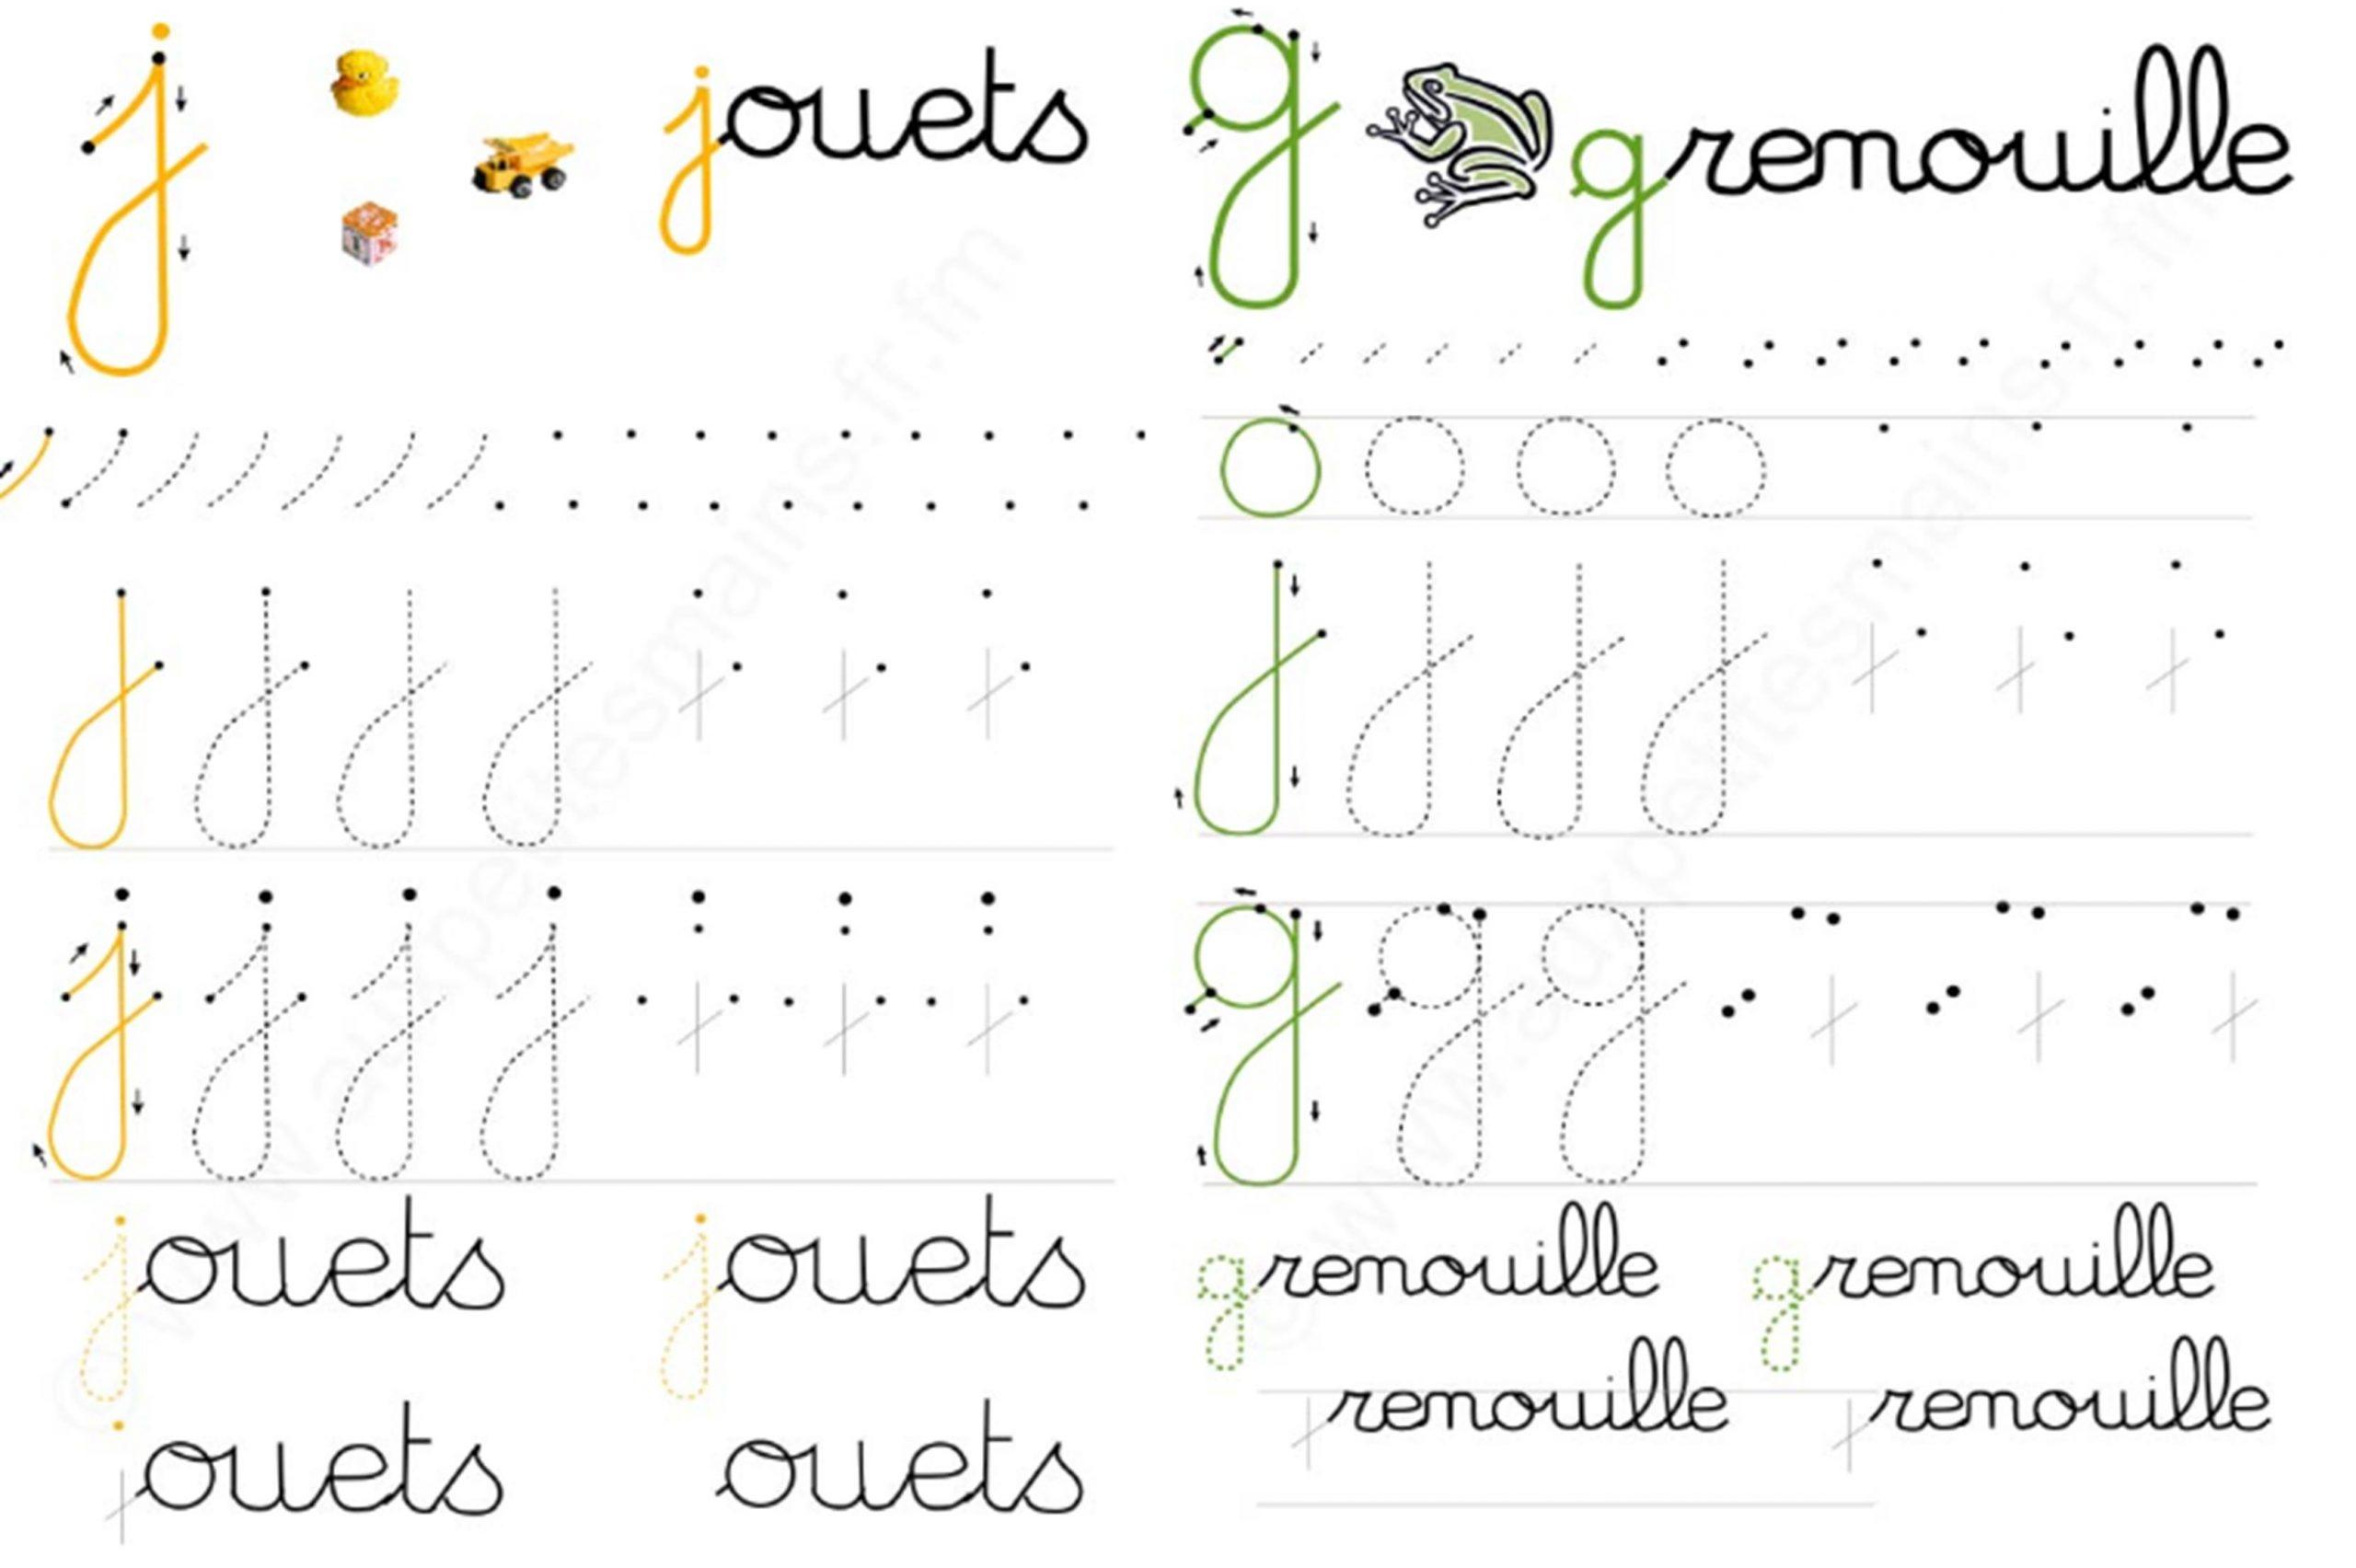 Fichier D'écriture Grande Section | Le Blog De Monsieur Mathieu pour Fiche D Exercice Grande Section A Imprimer